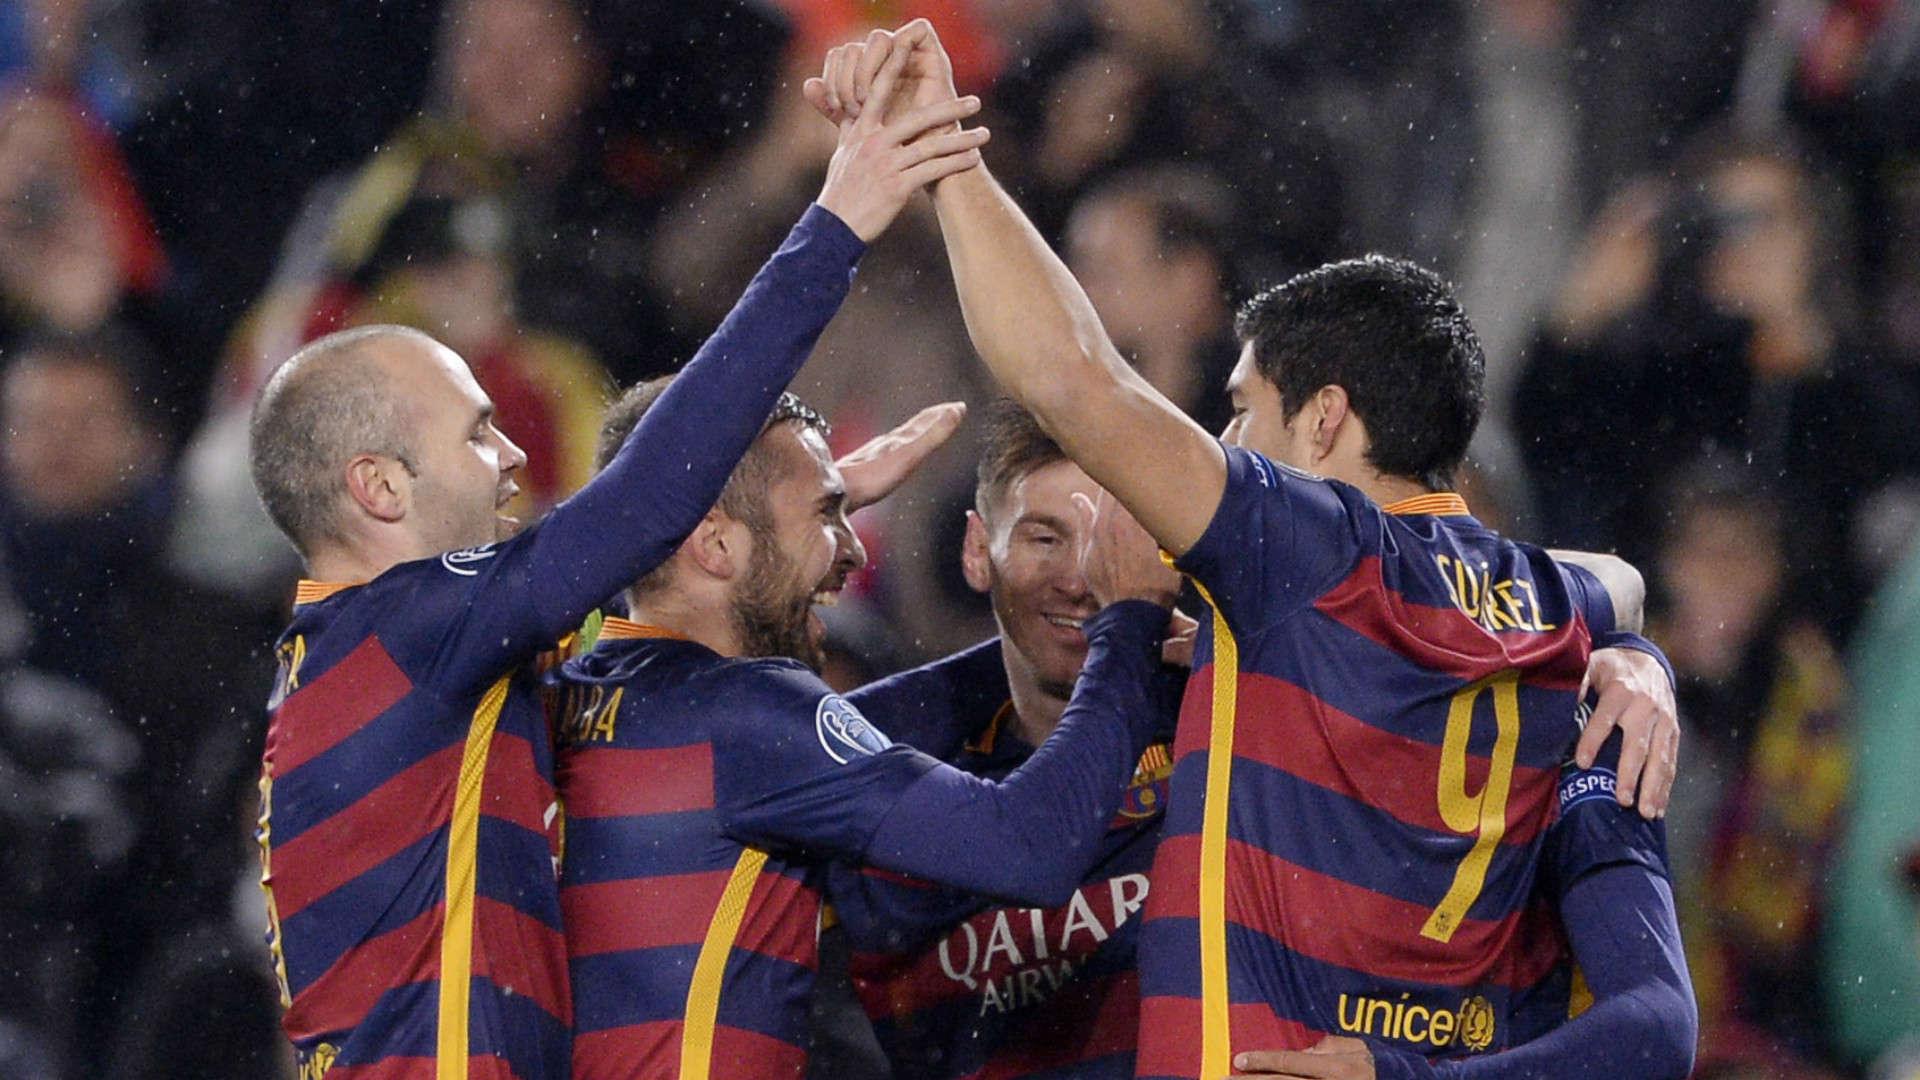 Có lẽ Barca vẫn sẽ ở lại Liga dù Catalunya có được công nhận độc lập hợp pháp hay không